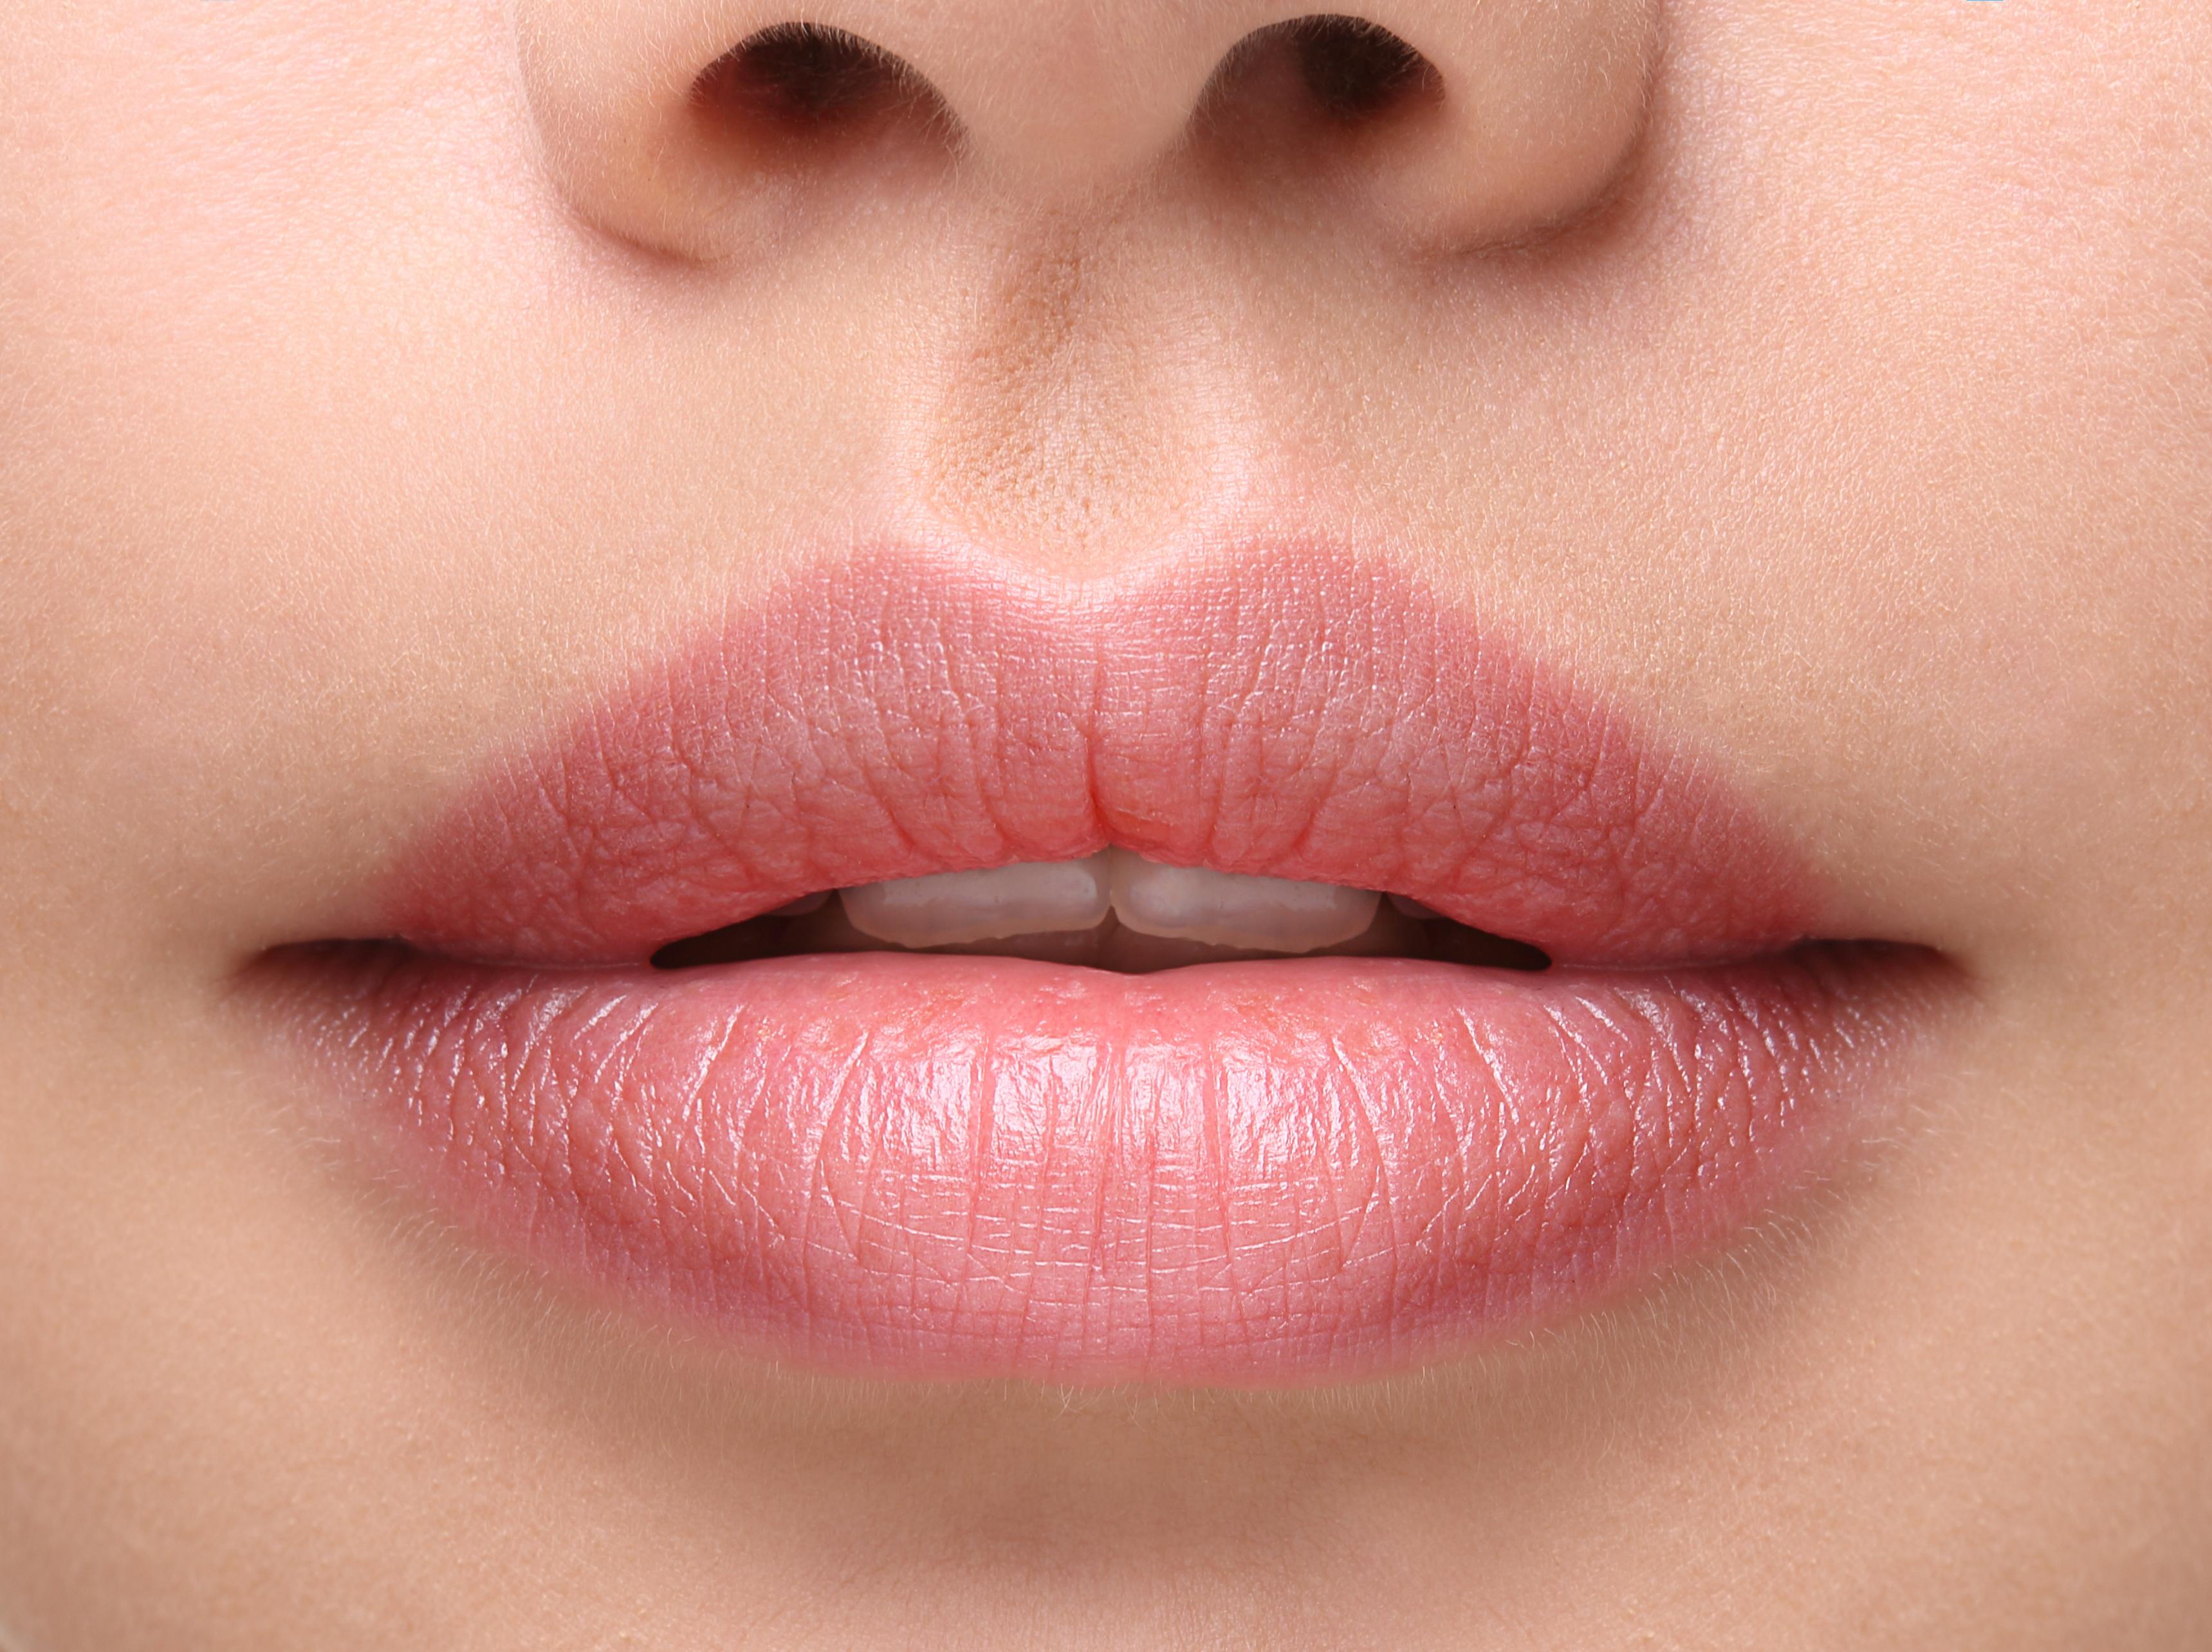 Fda Approves Longer Lasting Lip Filler - News -4113